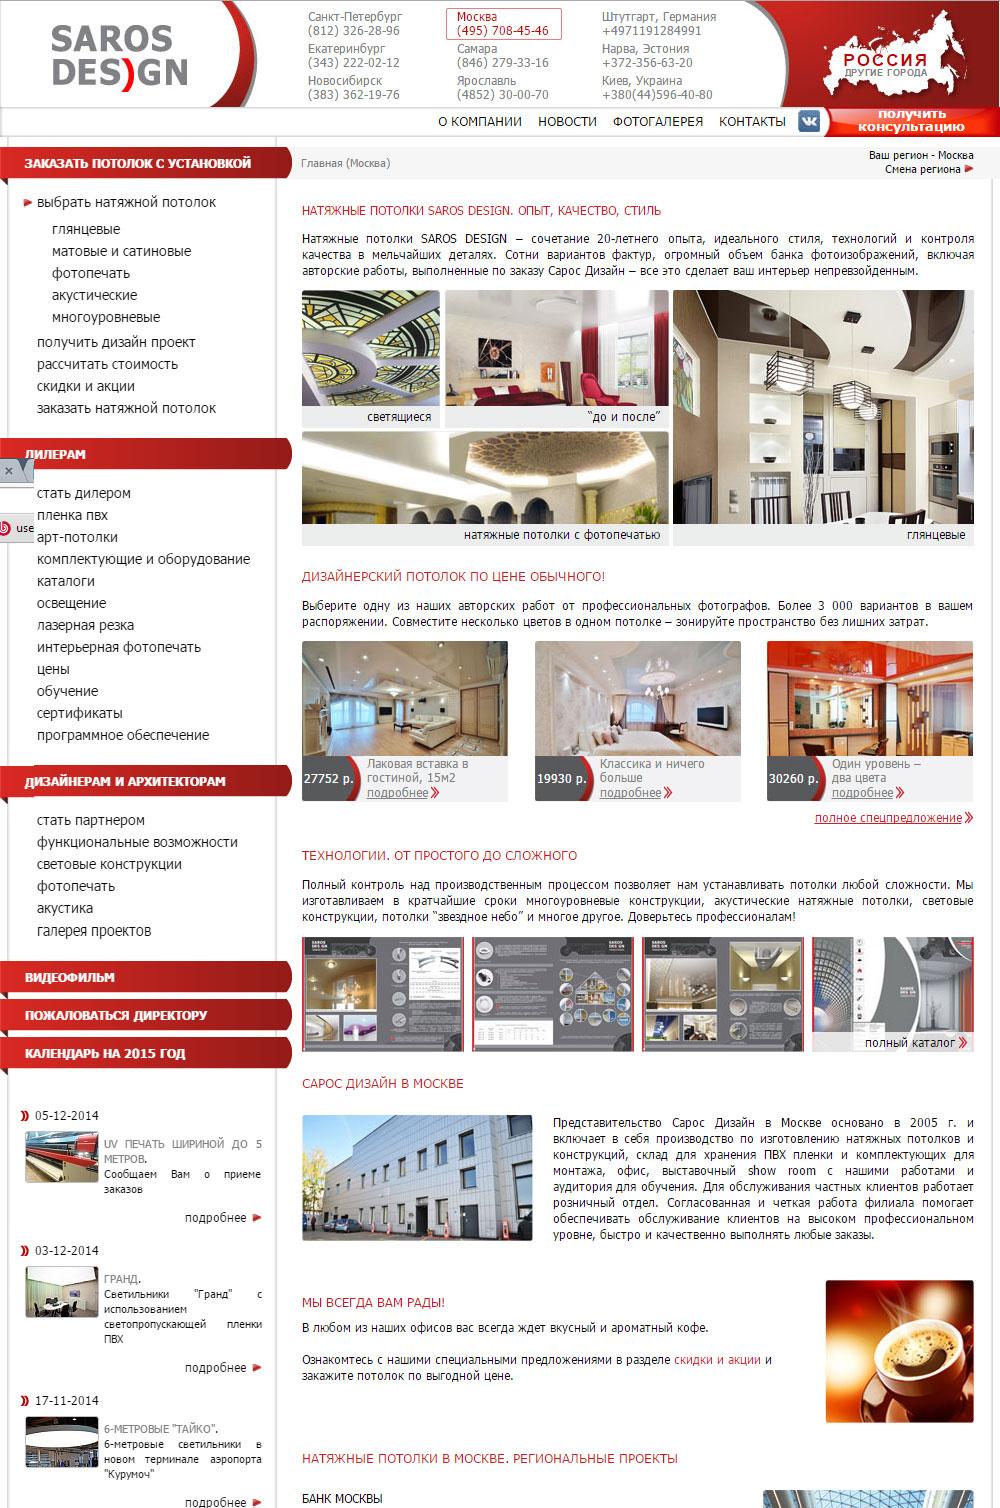 Saros Design - Натяжные потолки